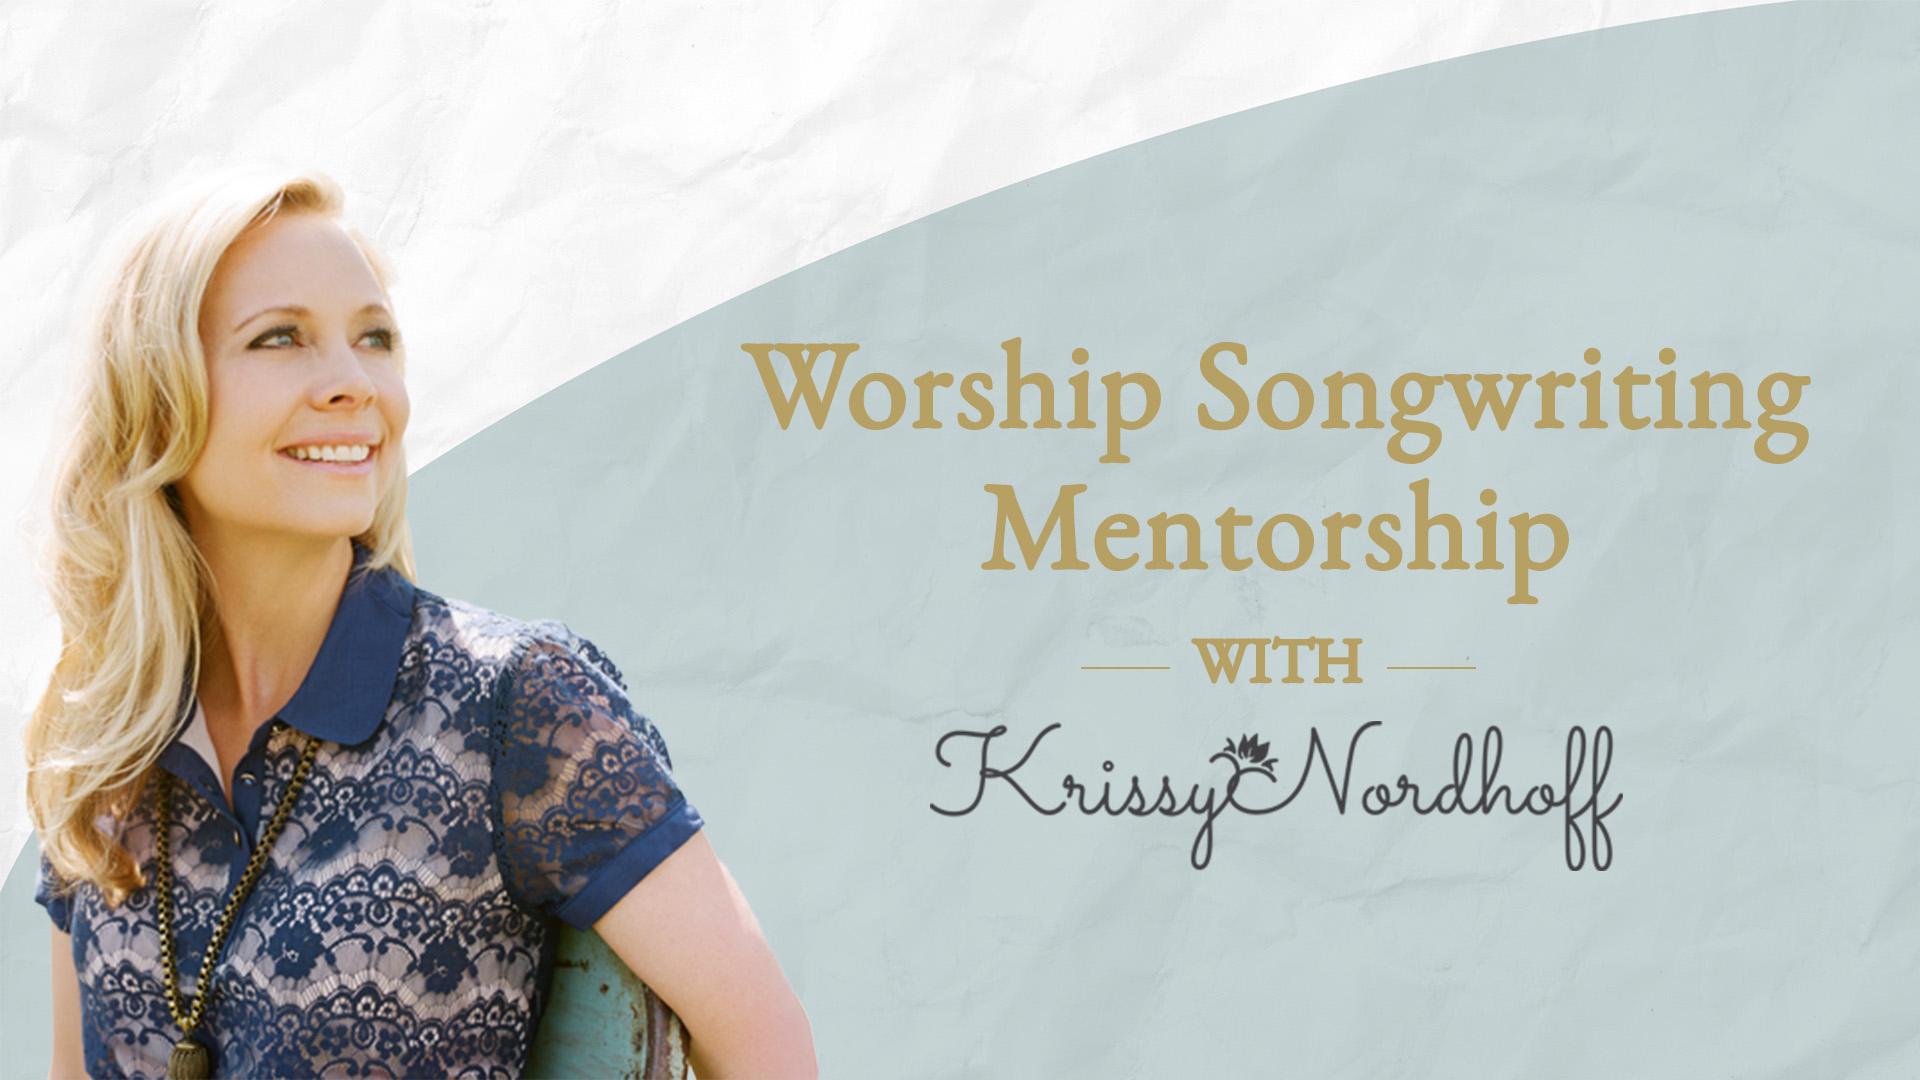 Worship Songwriting Mentorship Graphic.JPG